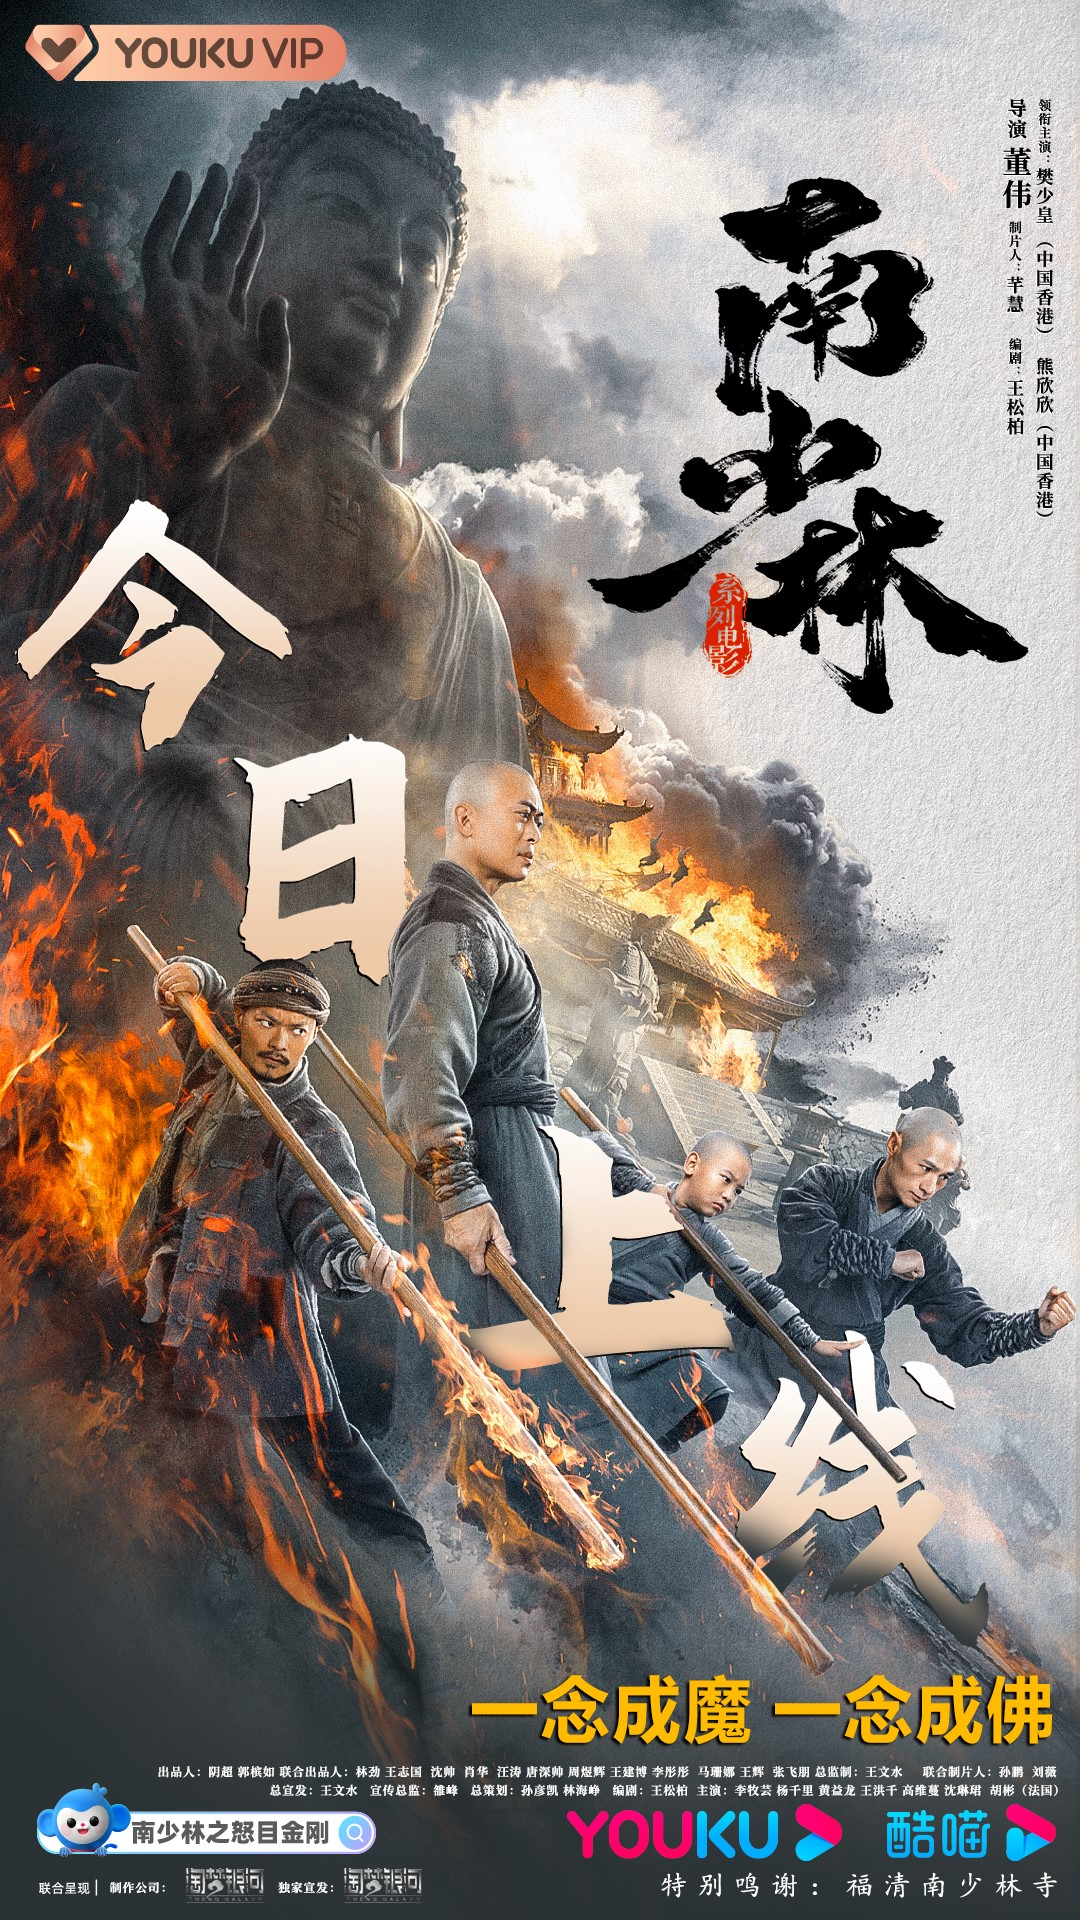 《南少林之怒目金刚》今天网上粉丝邵皇新信首演对决